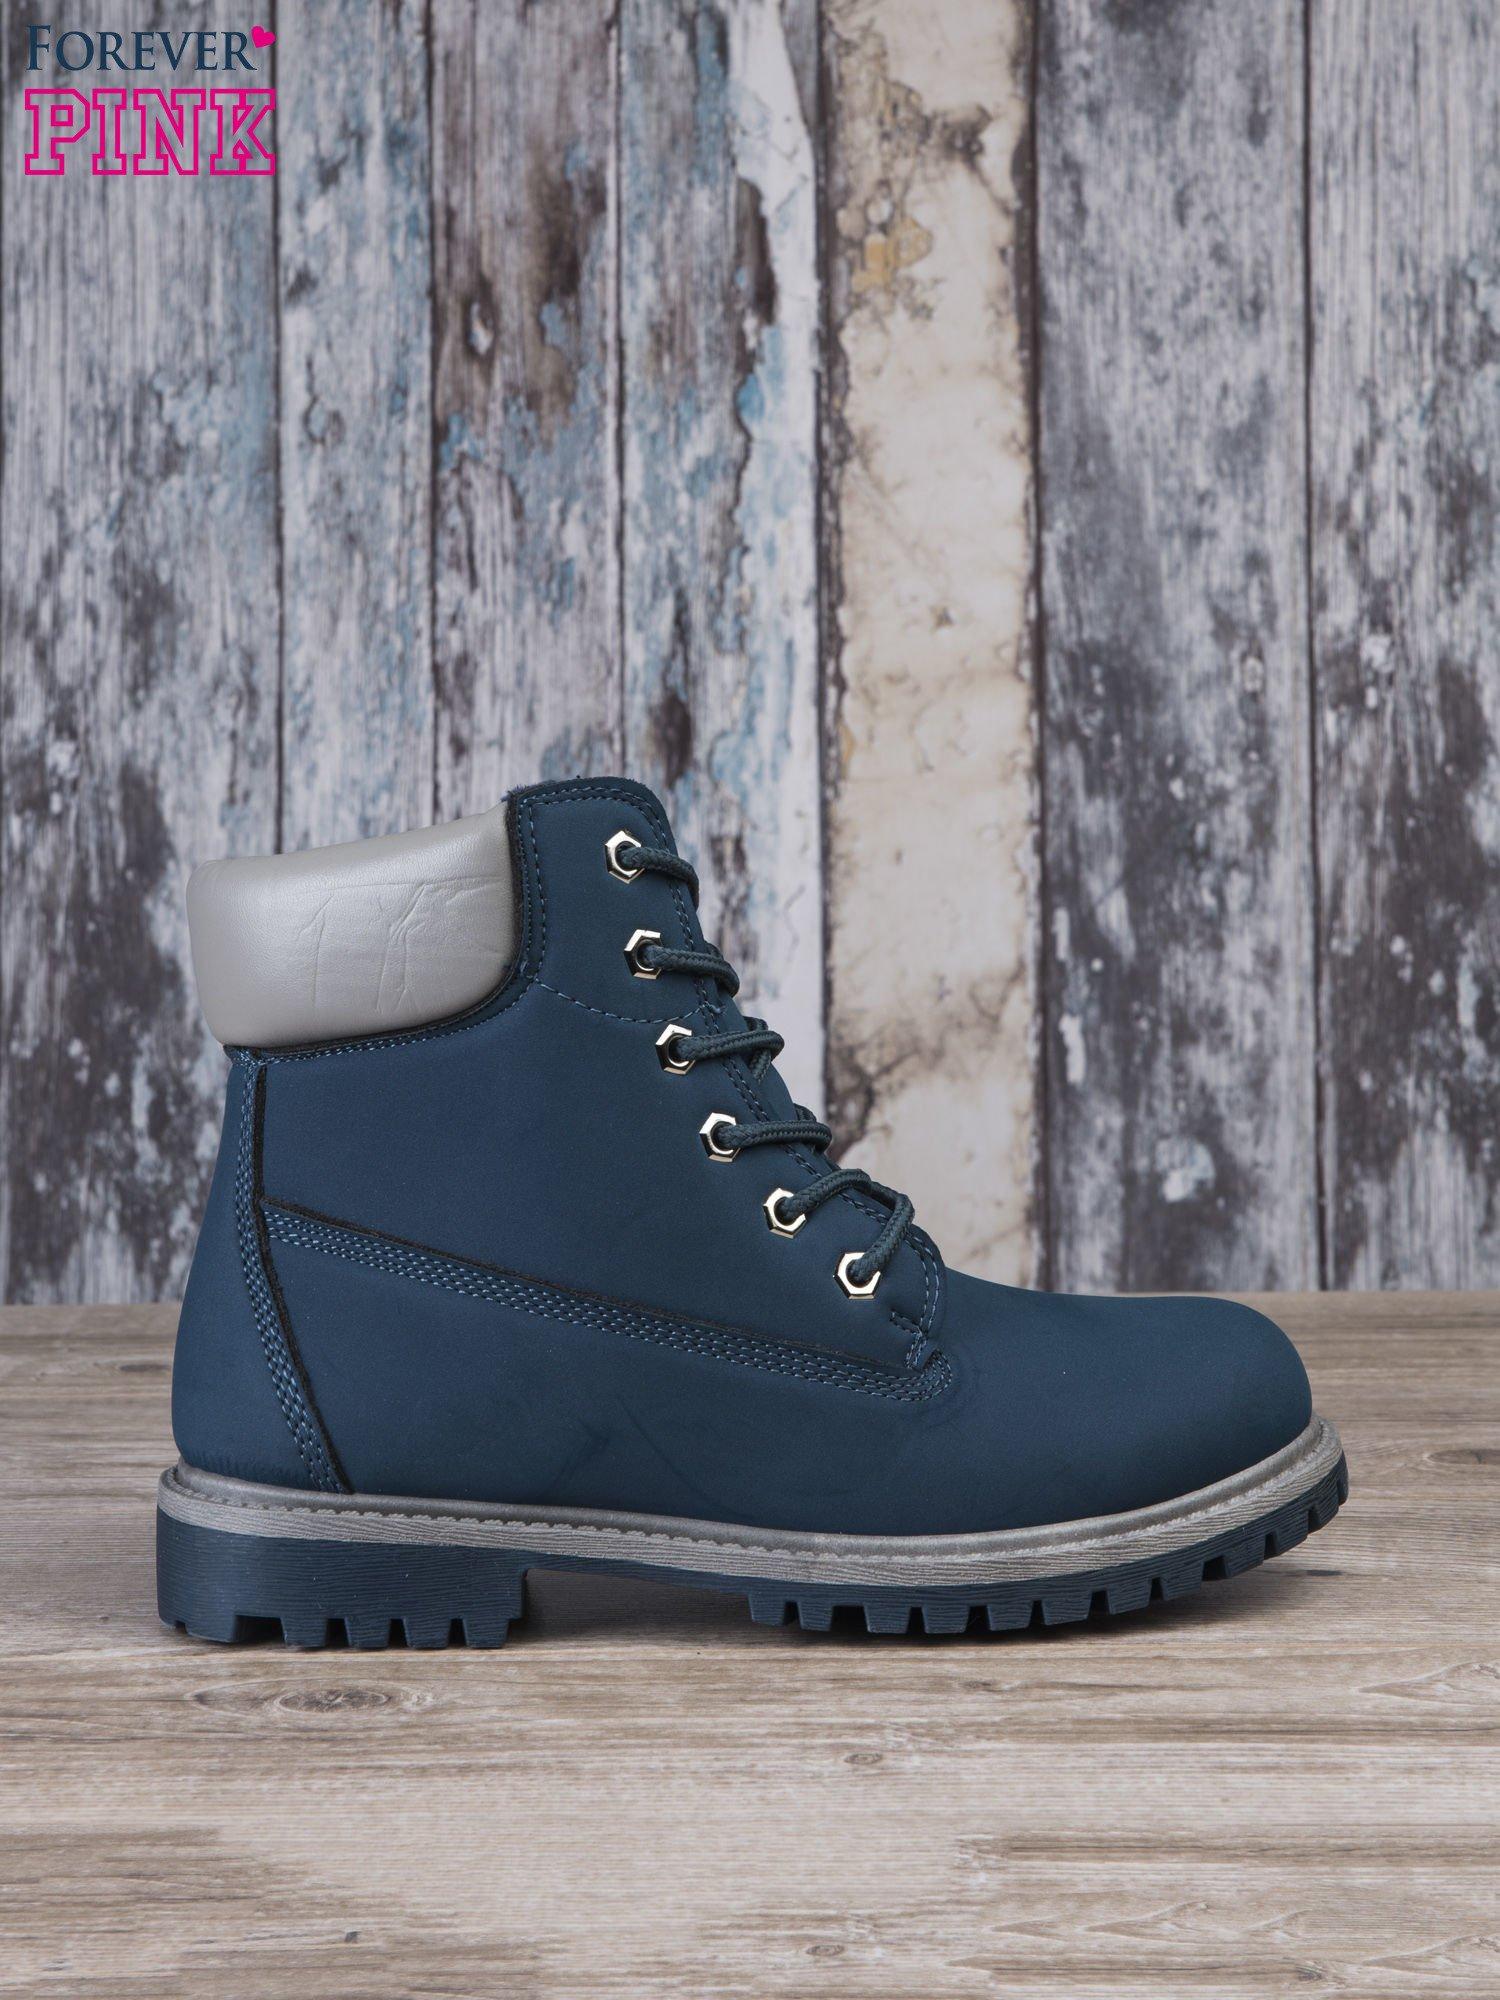 38ea32400d49d Ciemnoniebieskie buty trekkingowe Amina damskie traperki ocieplane ...